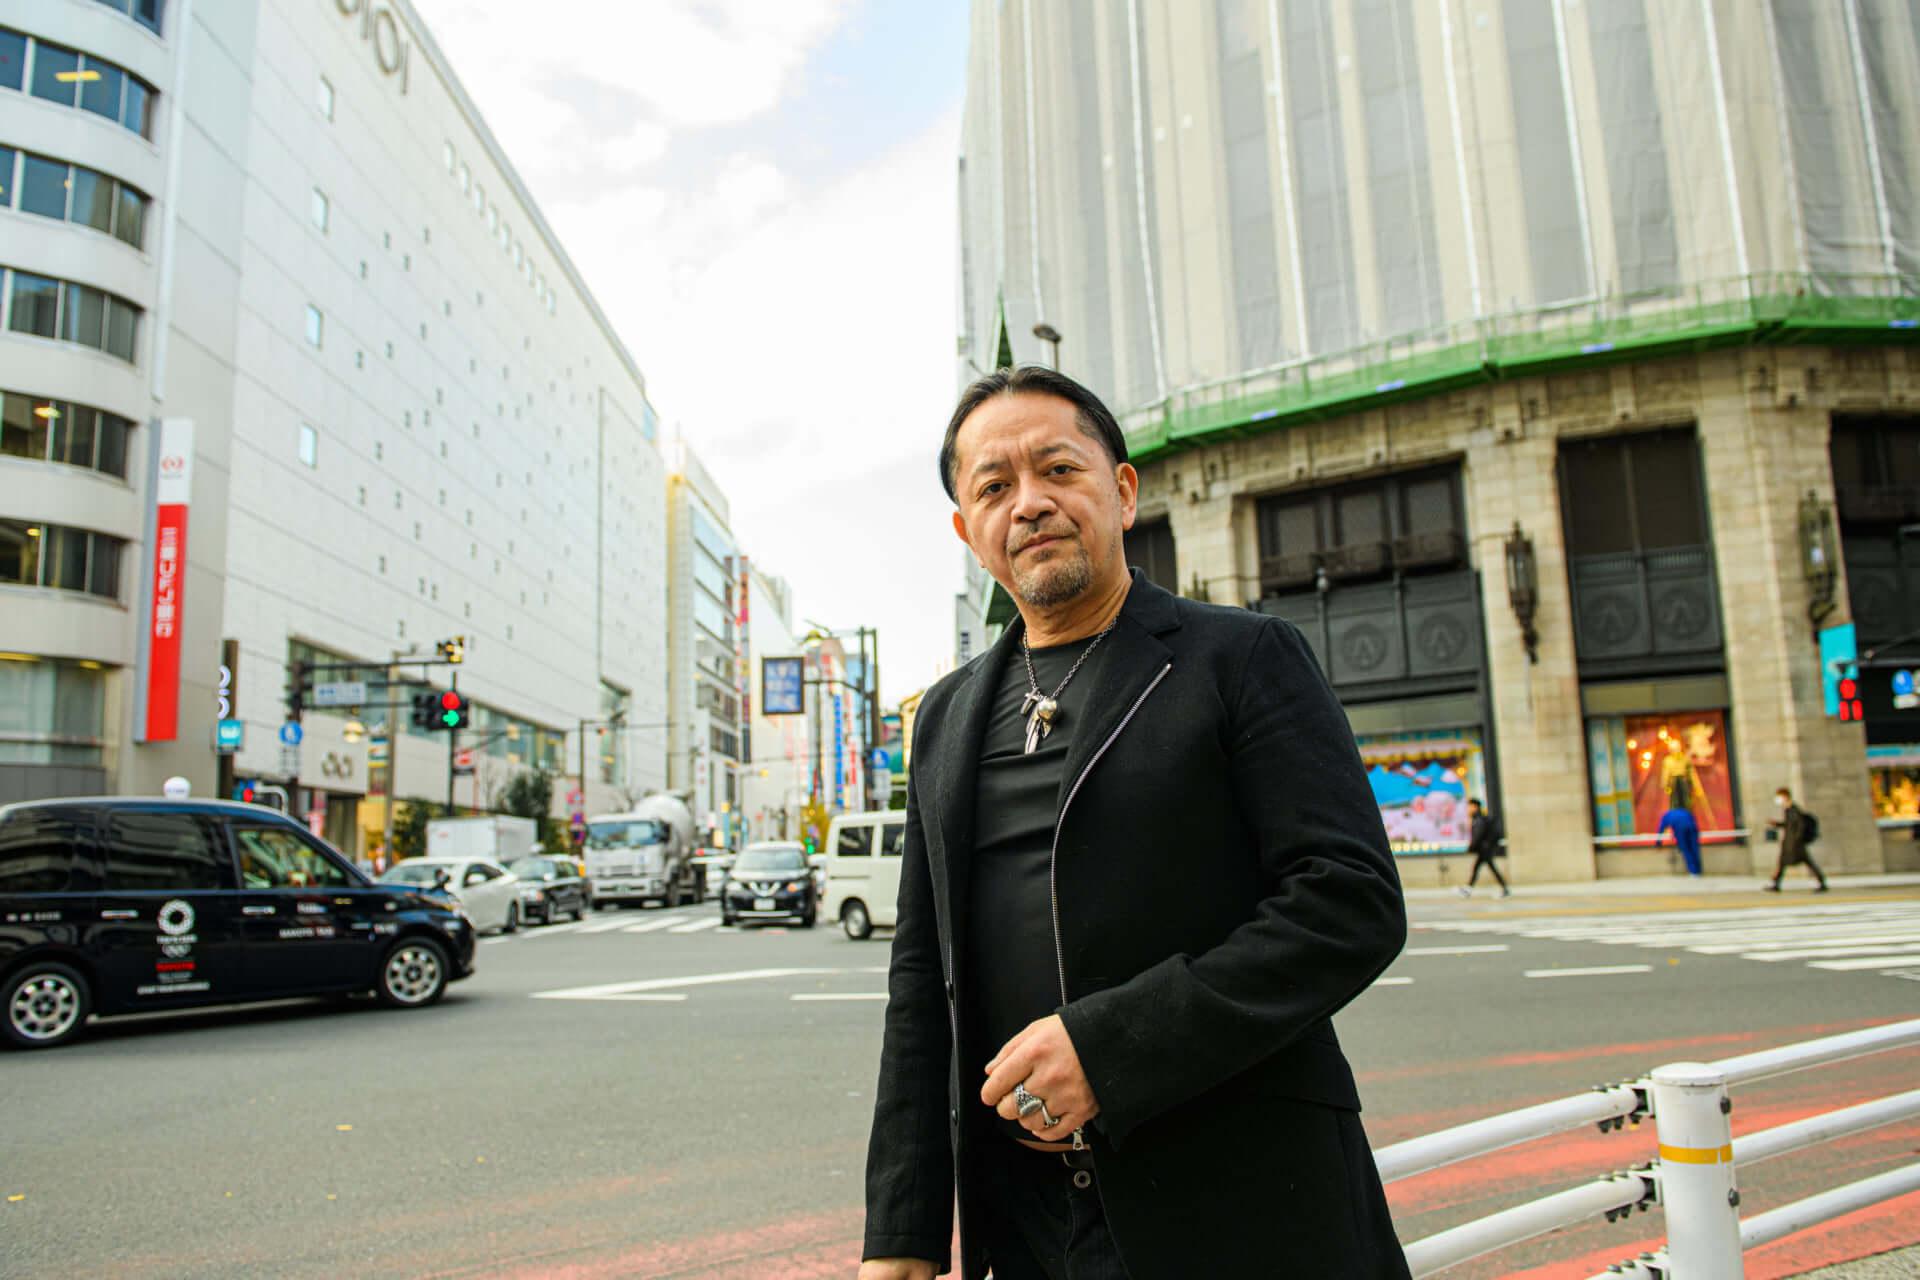 渋谷を中心にVISIONやContactなどのクラブやバーを経営する村田大造がプロデュースした新店舗 DJ BAR HEARTに迫る 200107_muratadaizo_07-1920x1280